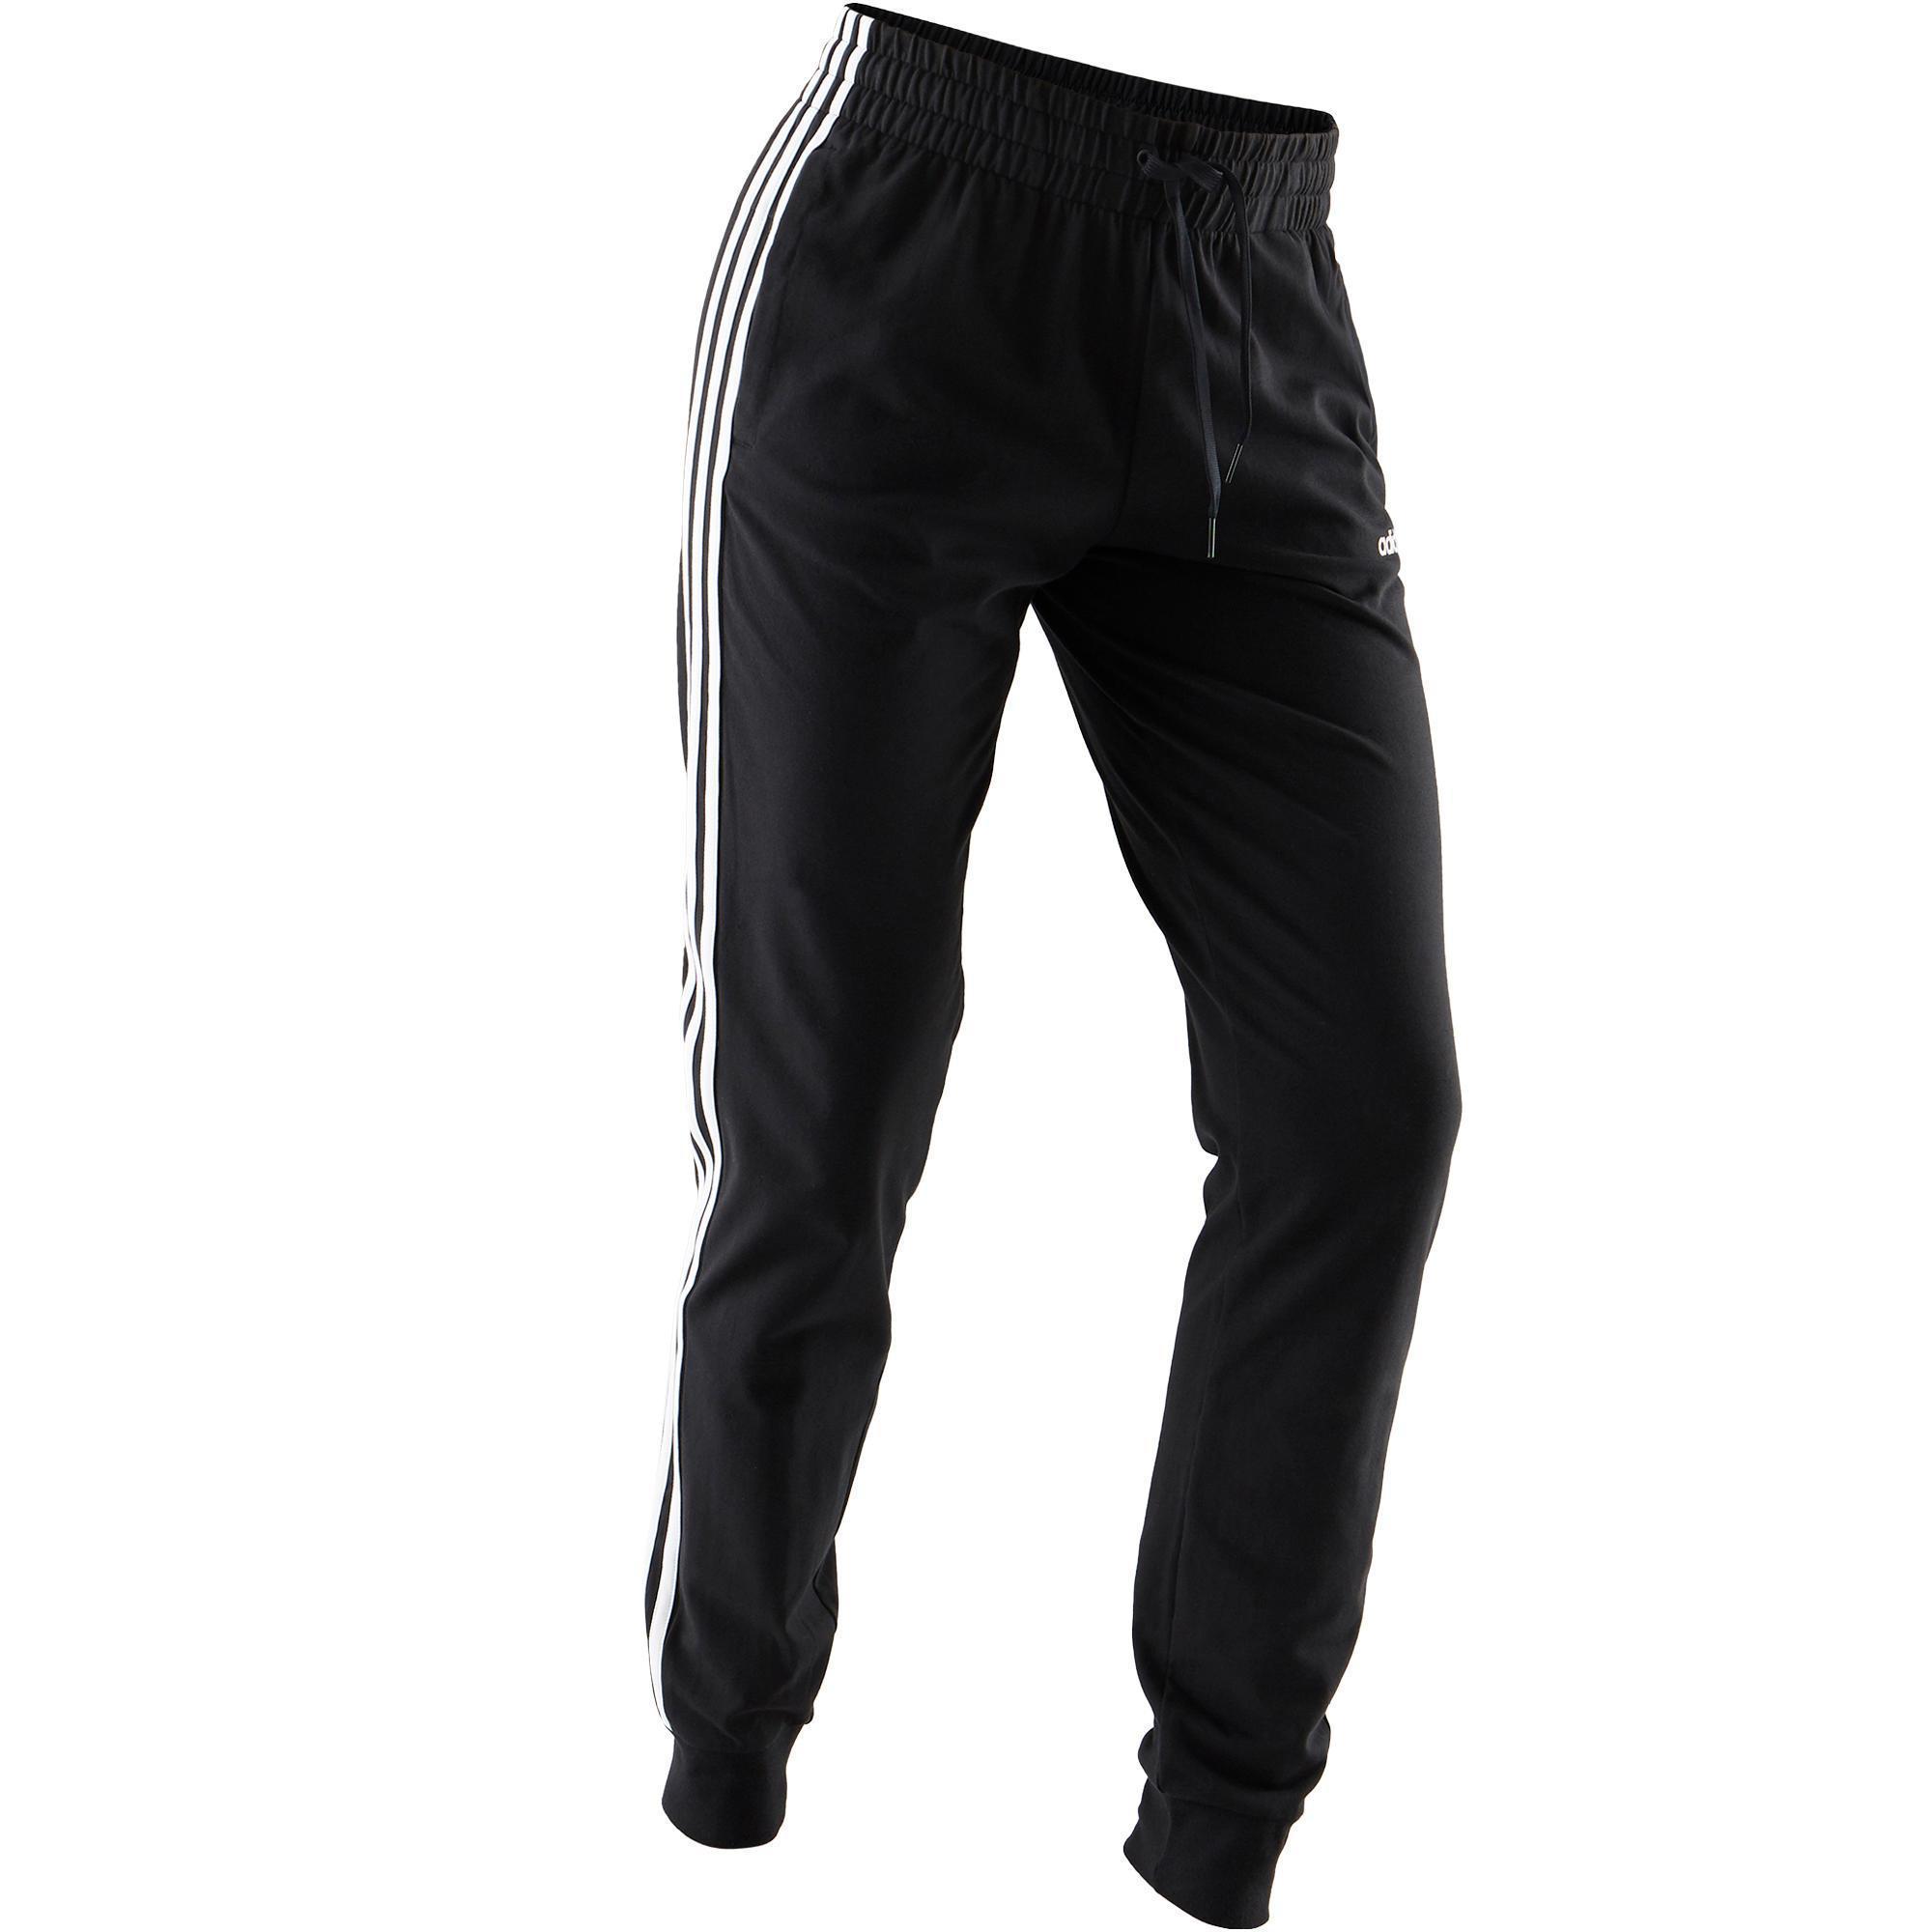 outlet factory outlets store Pantalon Adidas 3 bandes femme noir